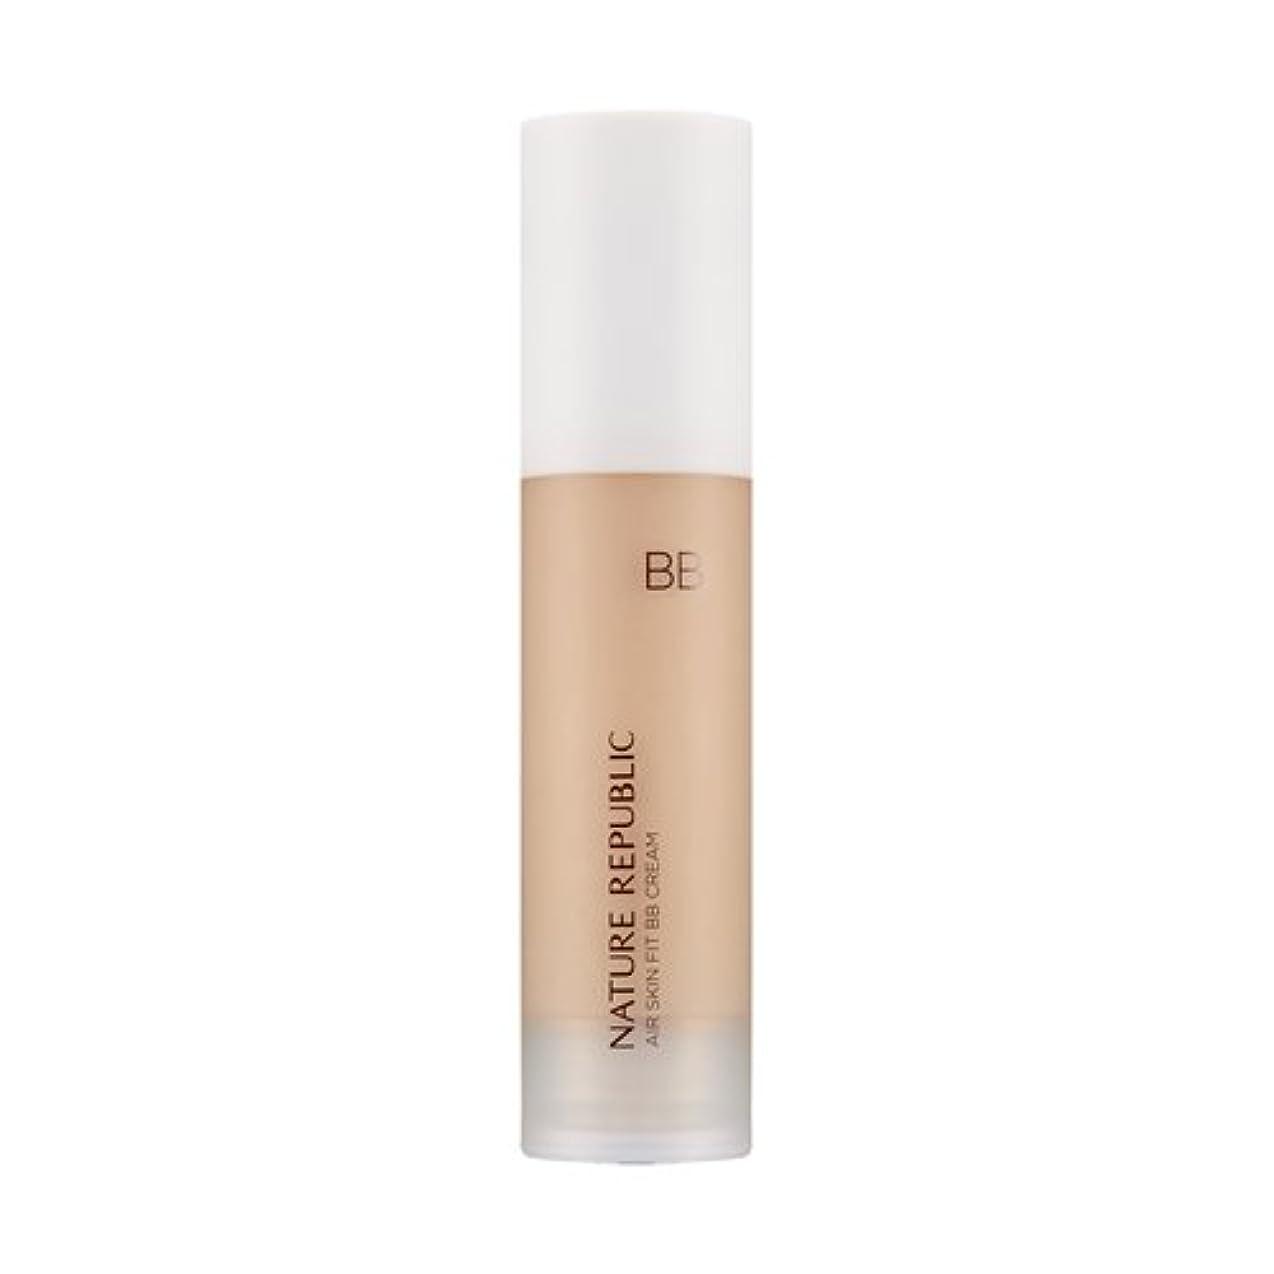 説得力のある感染する推進NATURE REPUBLIC Provence Air Skin Fit BB Cream #02 Natural Beige / ネイチャーリパブリック プロヴァンスエアスキンフィットBBクリーム (#02 Natural...